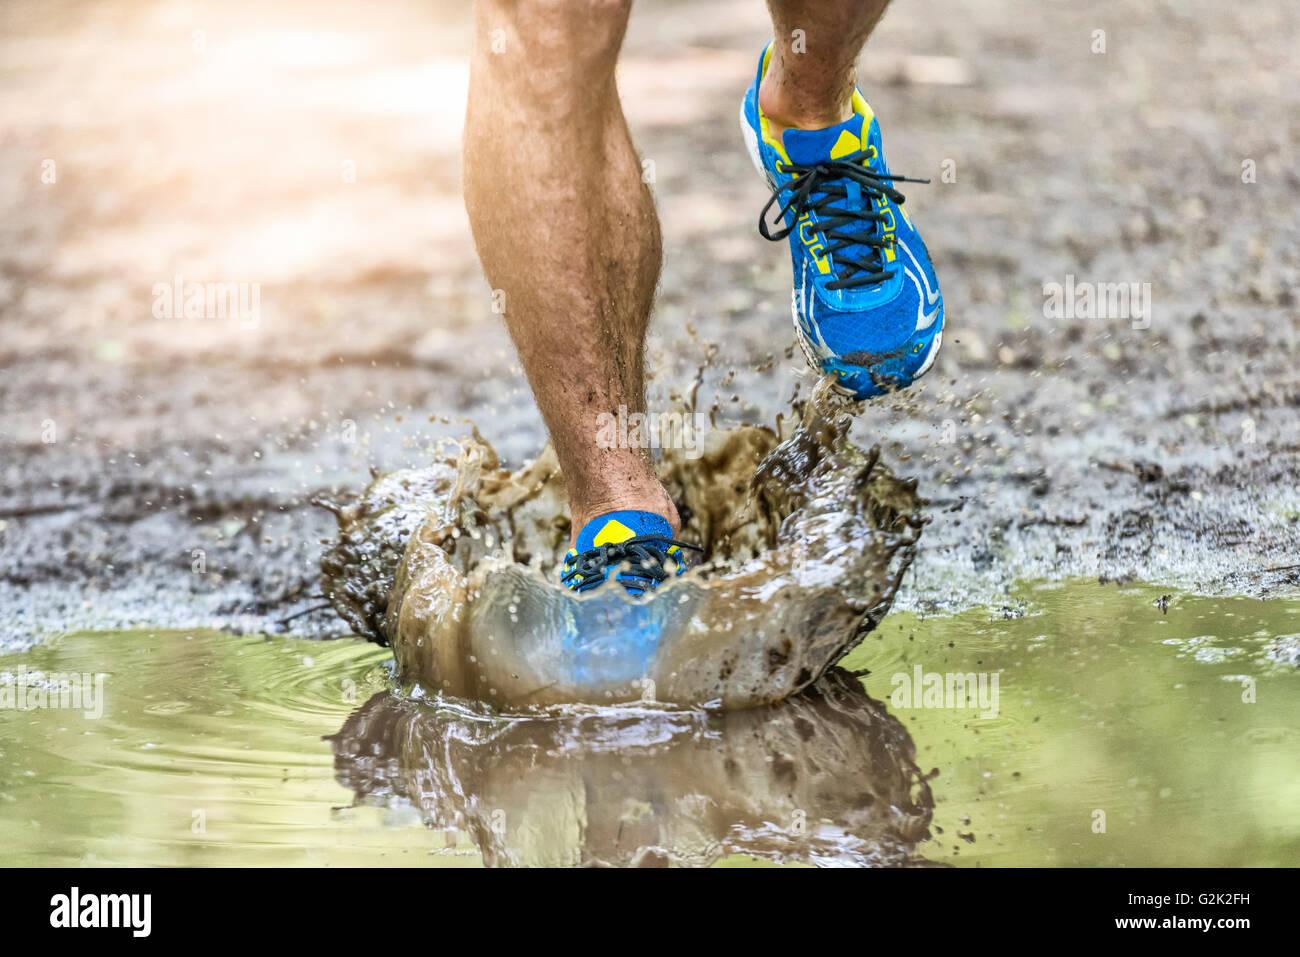 Hombre corriendo a caminar en un charco, salpicando sus zapatos. Cross Country trail. Congela la acción Imagen De Stock